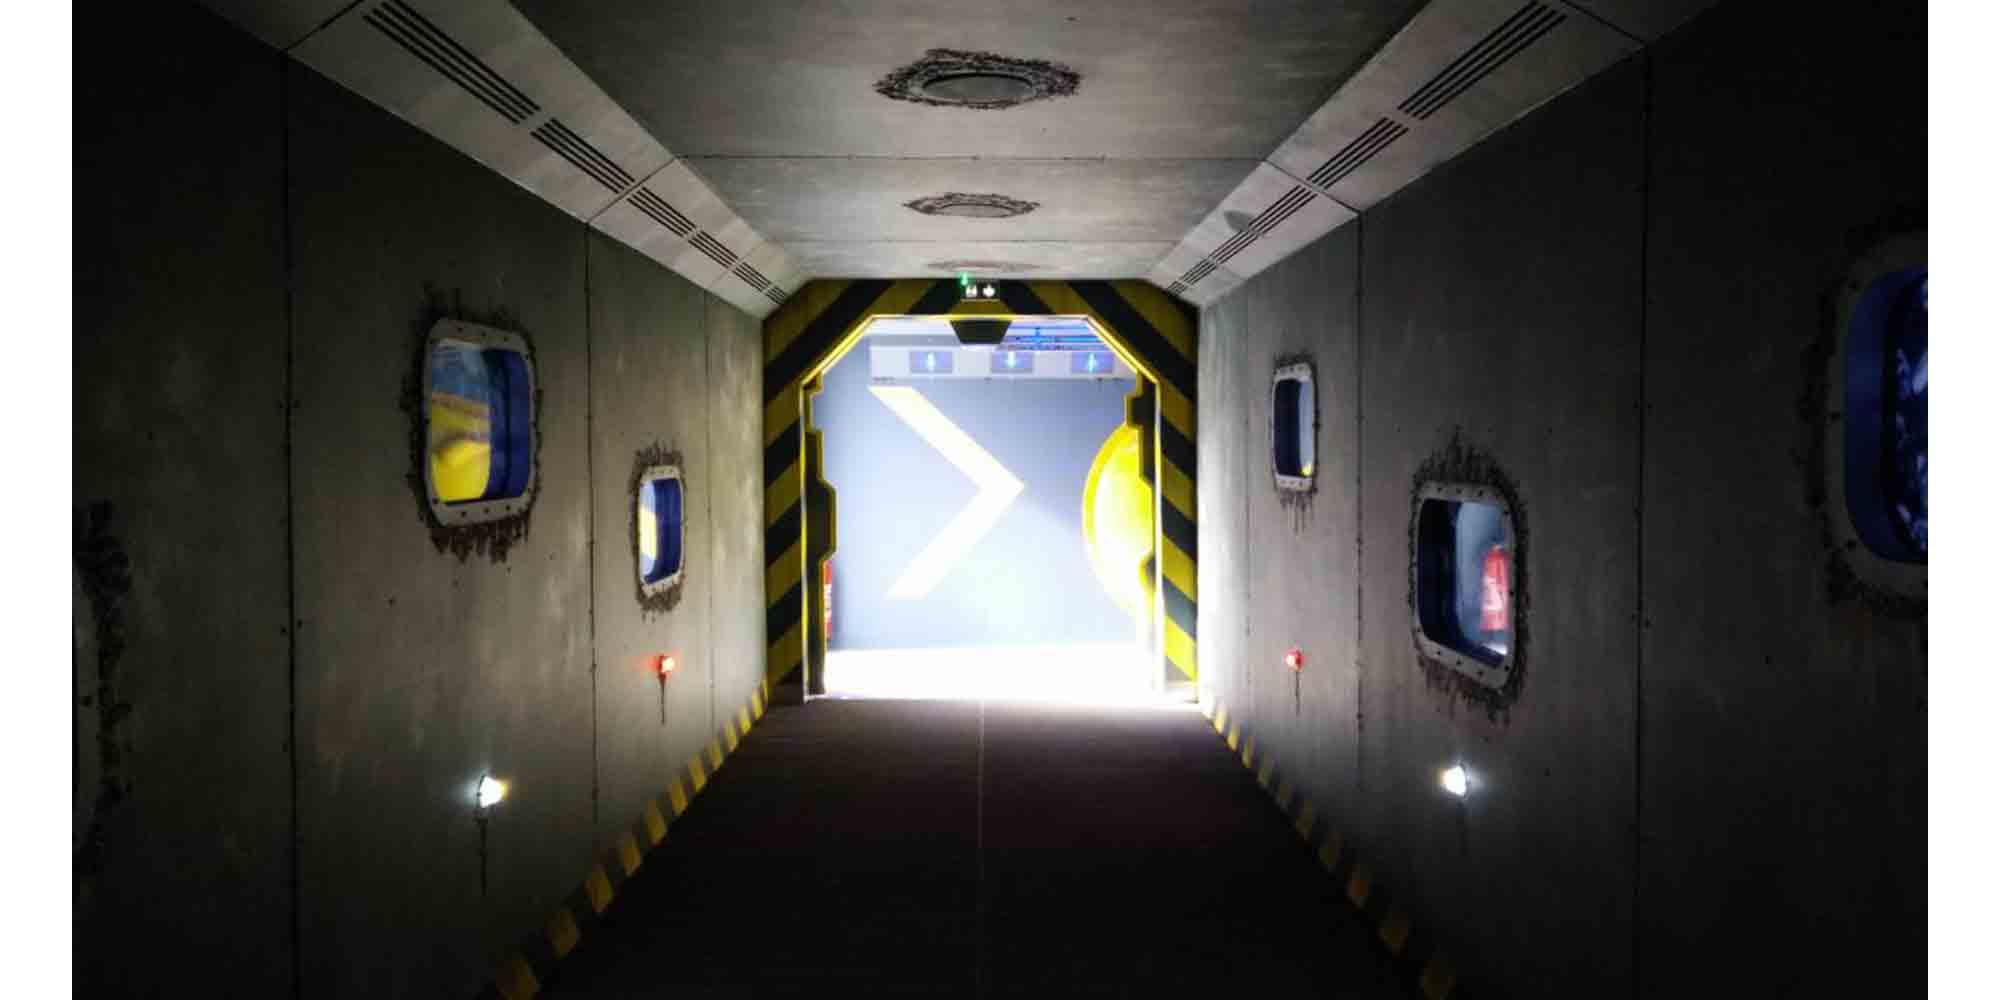 Réalisation d'un décor thème sous-marin pour l'Aquarium de Saint-Malo